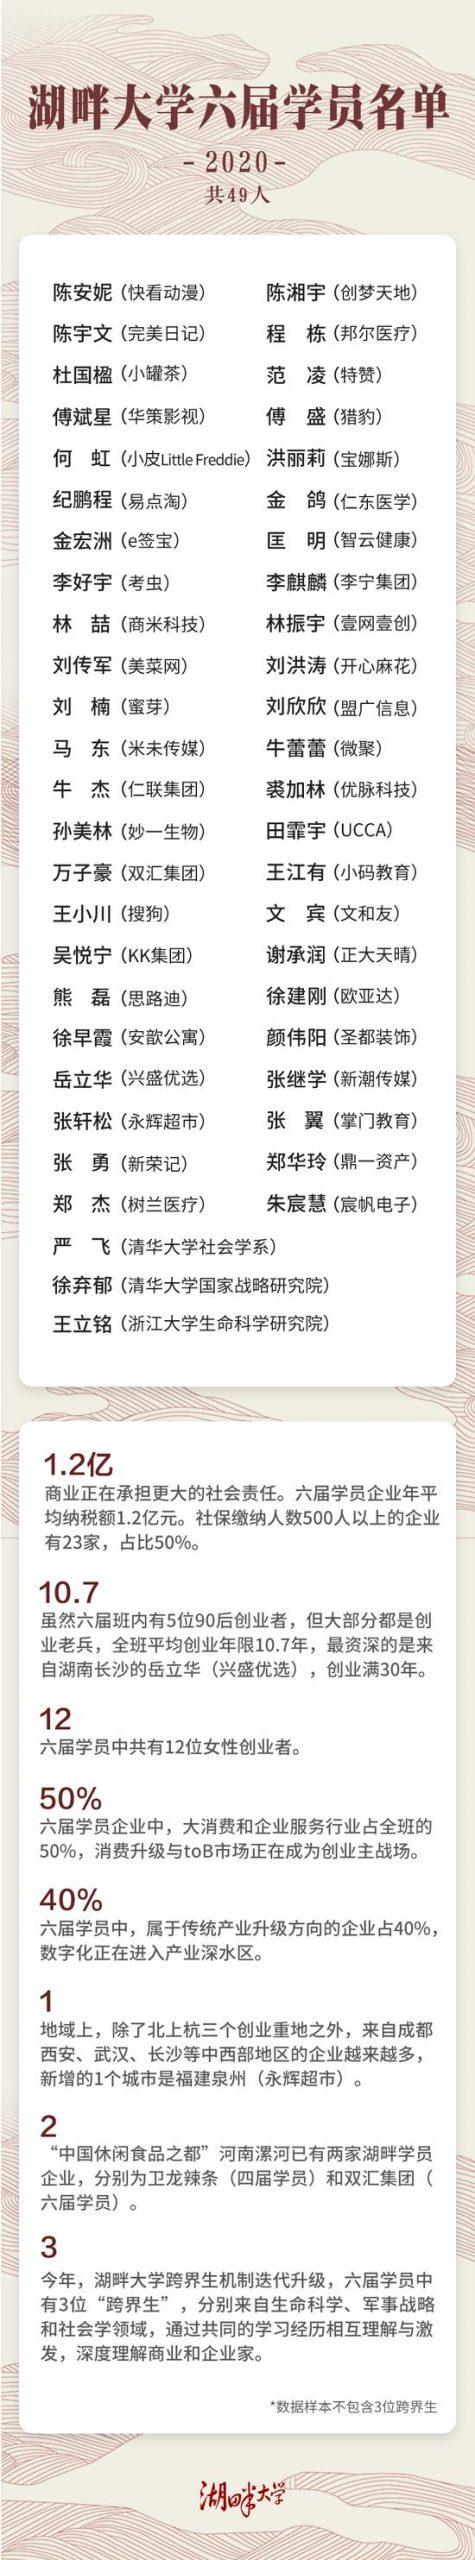 湖畔大学发布第六届名单:傅盛、王小川、马东等入选